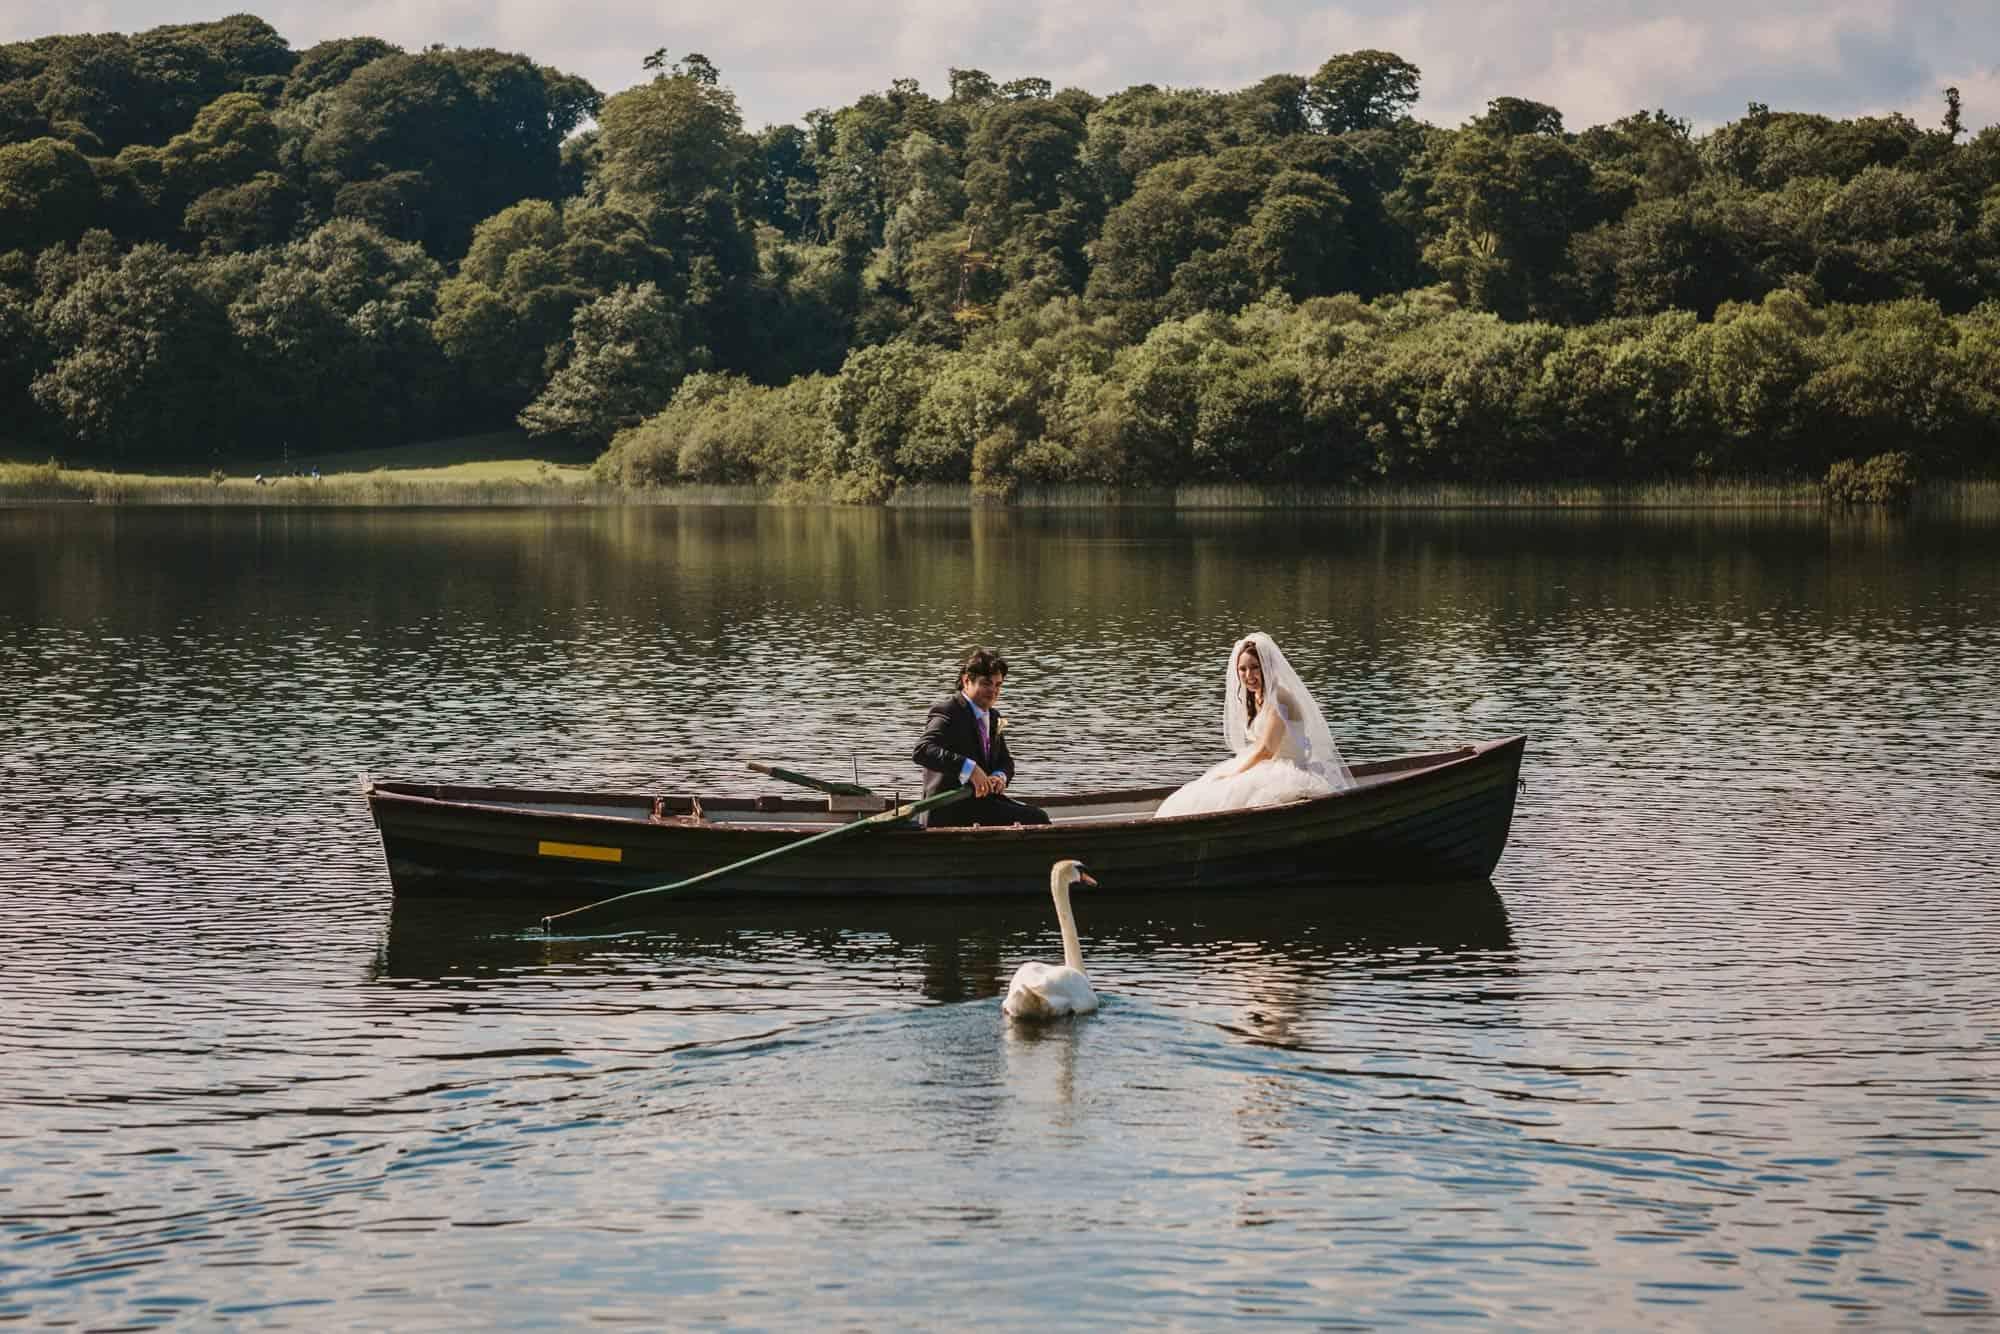 Dromoland Castle Ireland, swan beside the boat